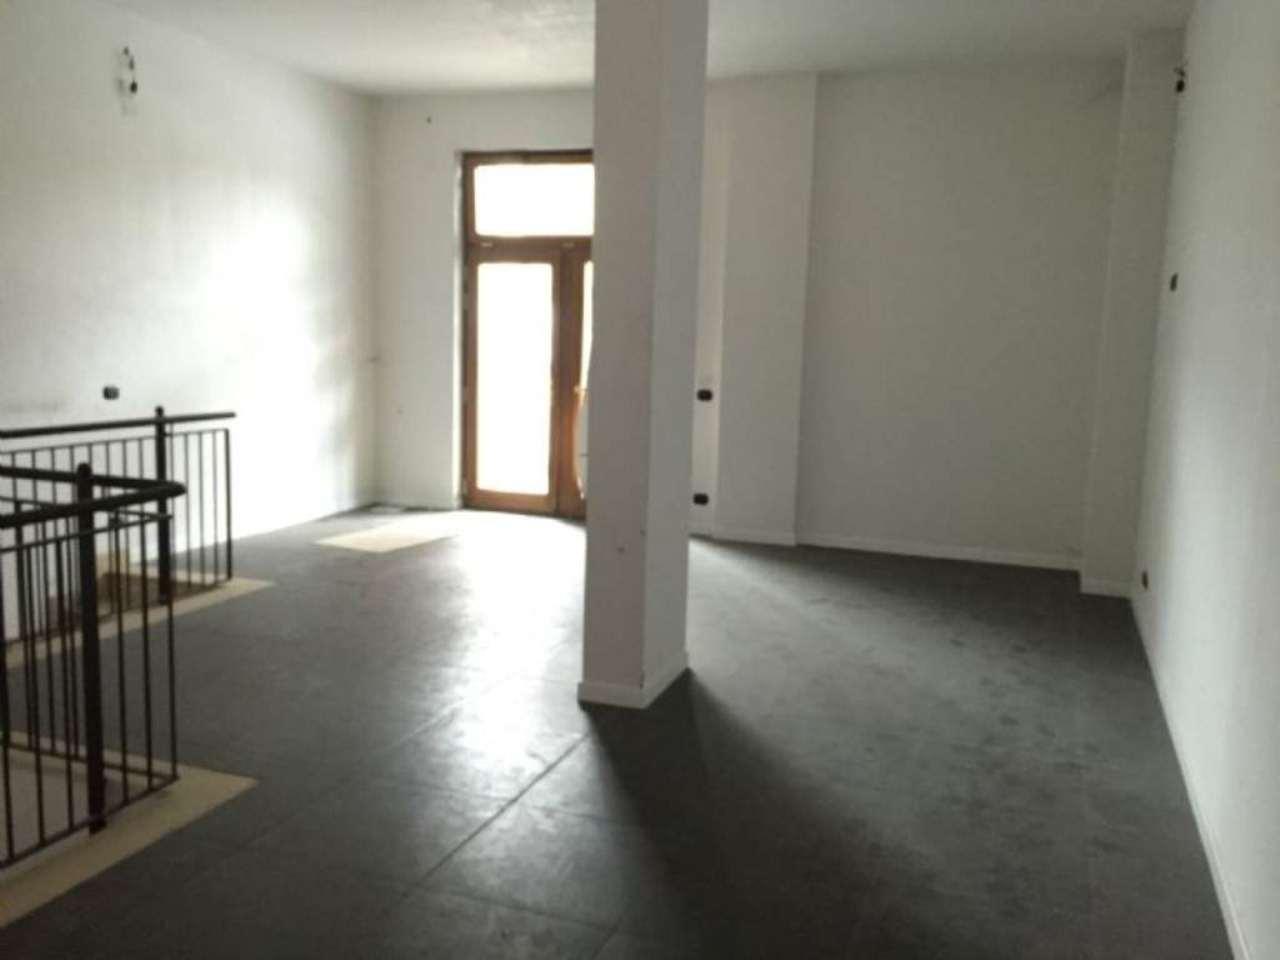 Negozio / Locale in affitto a Rivoli, 1 locali, prezzo € 2.800 | Cambio Casa.it